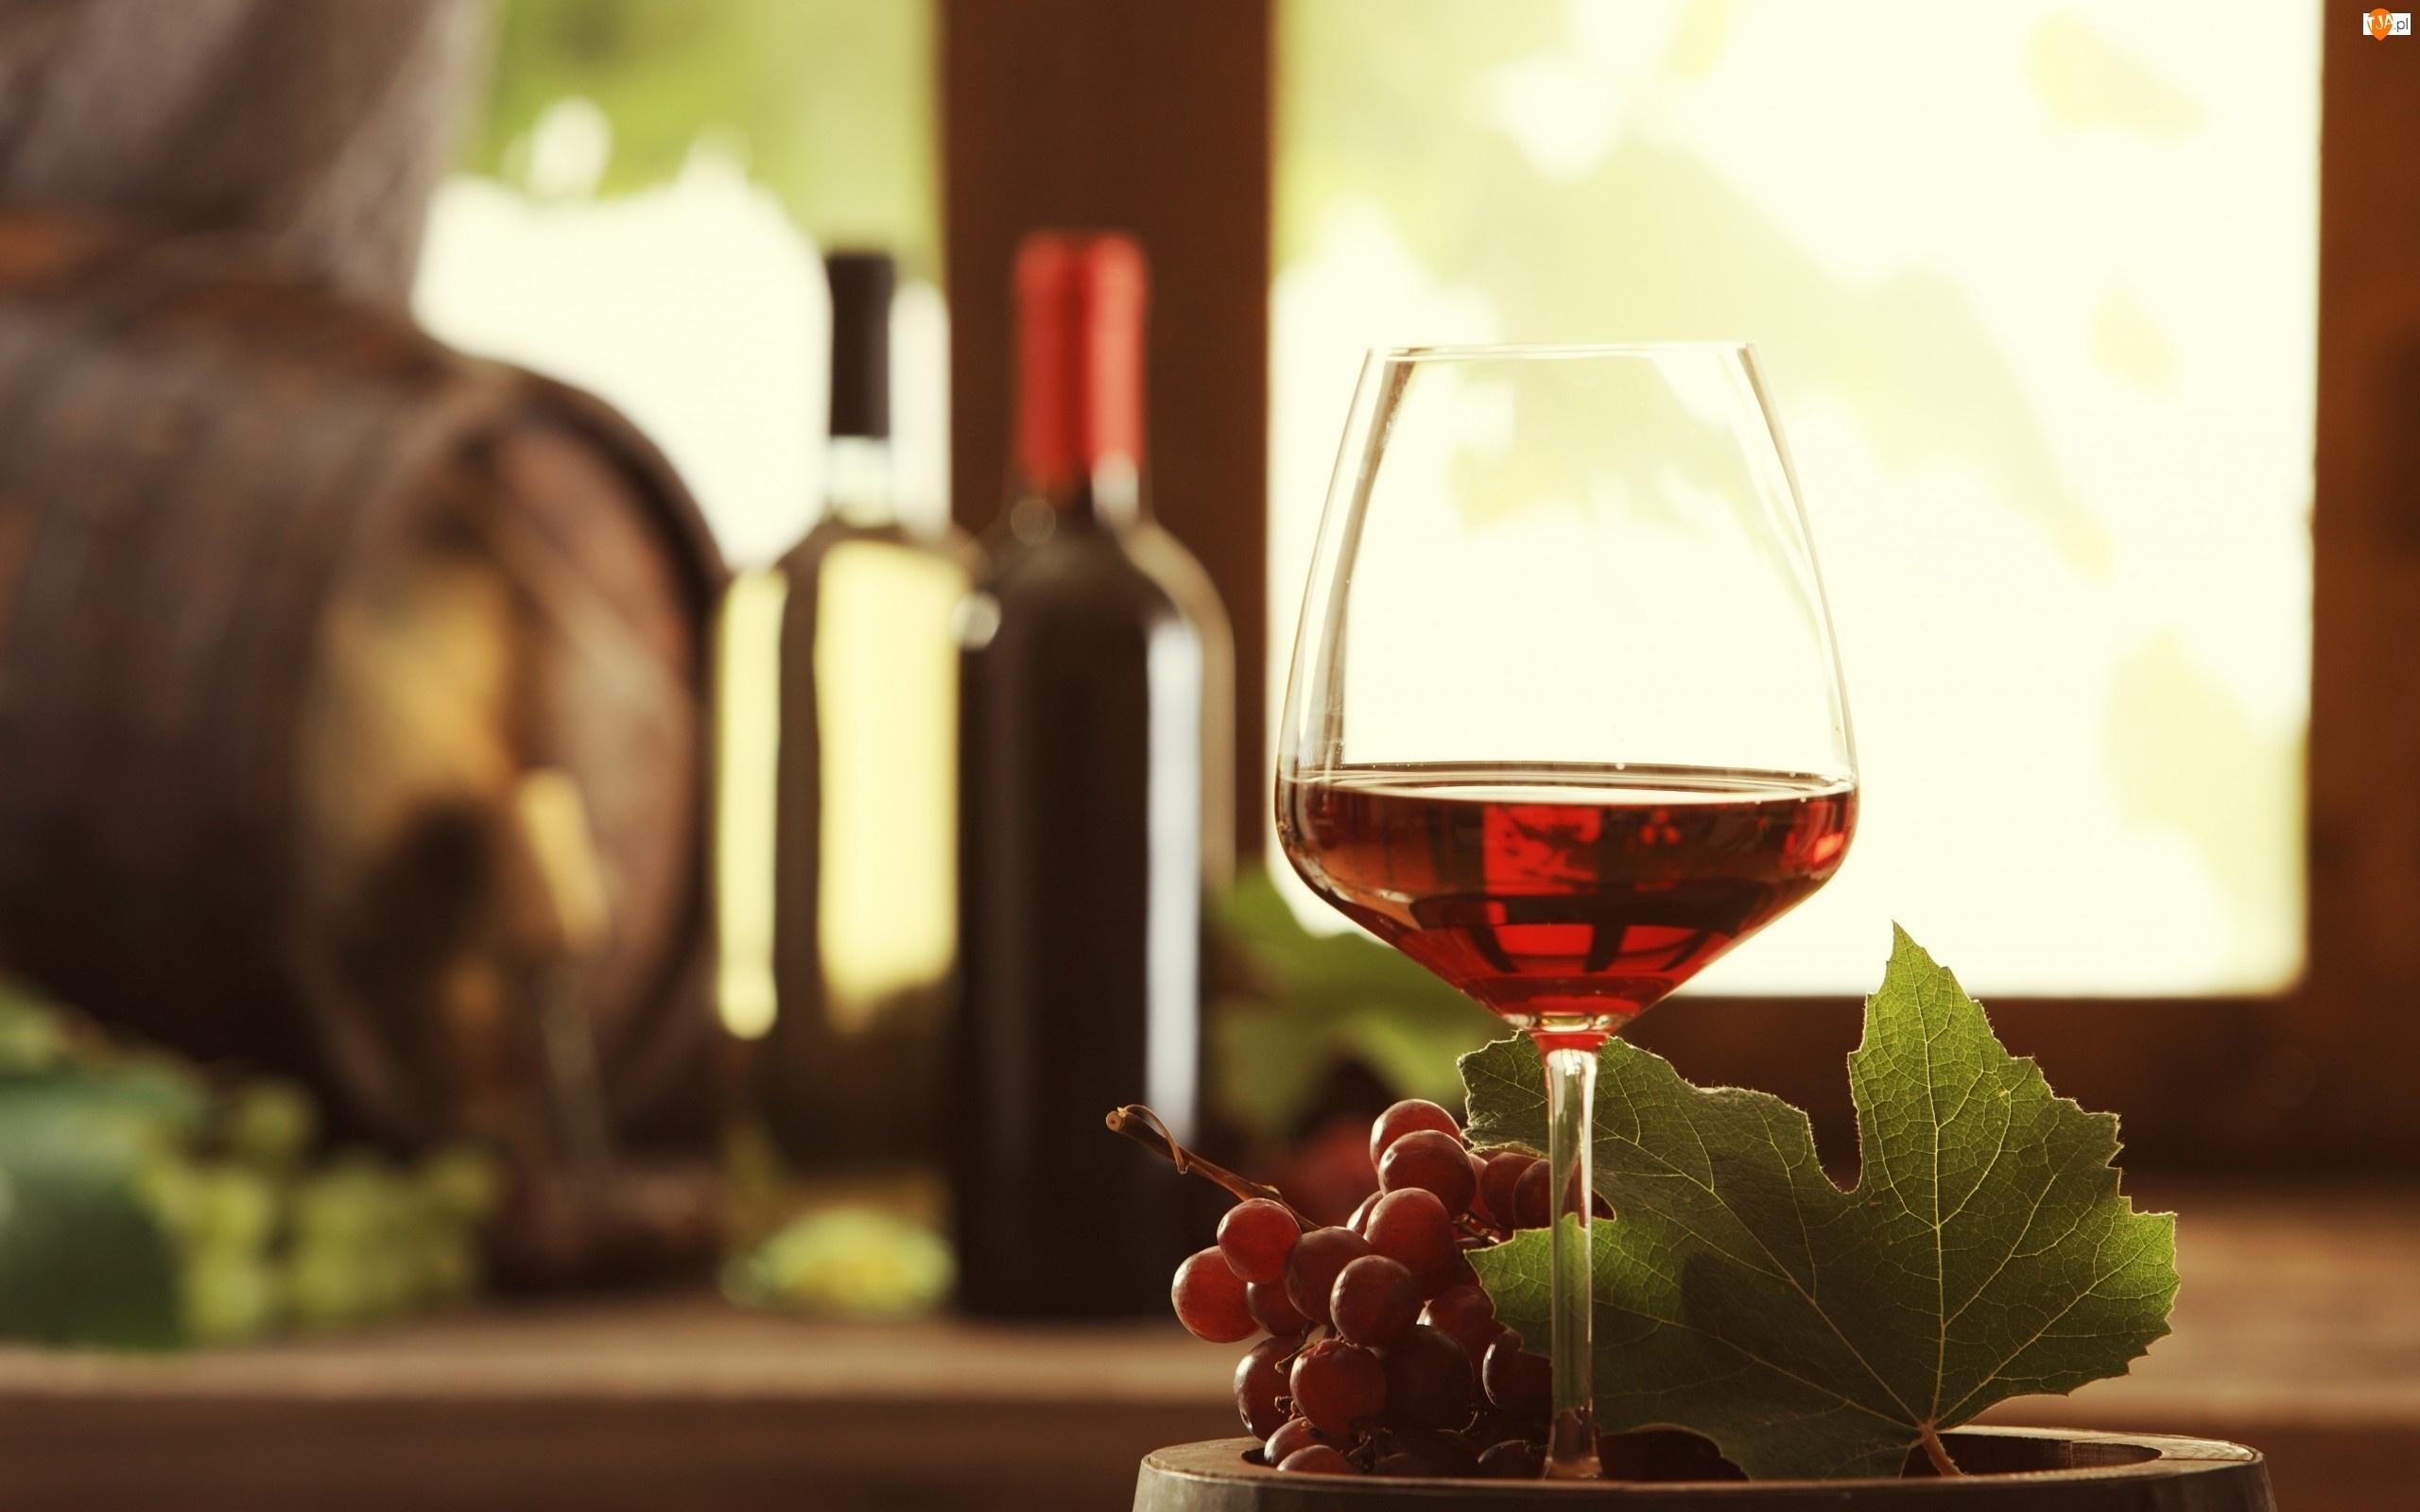 Liść, Kieliszek, Winogrono, Wino, Owoce